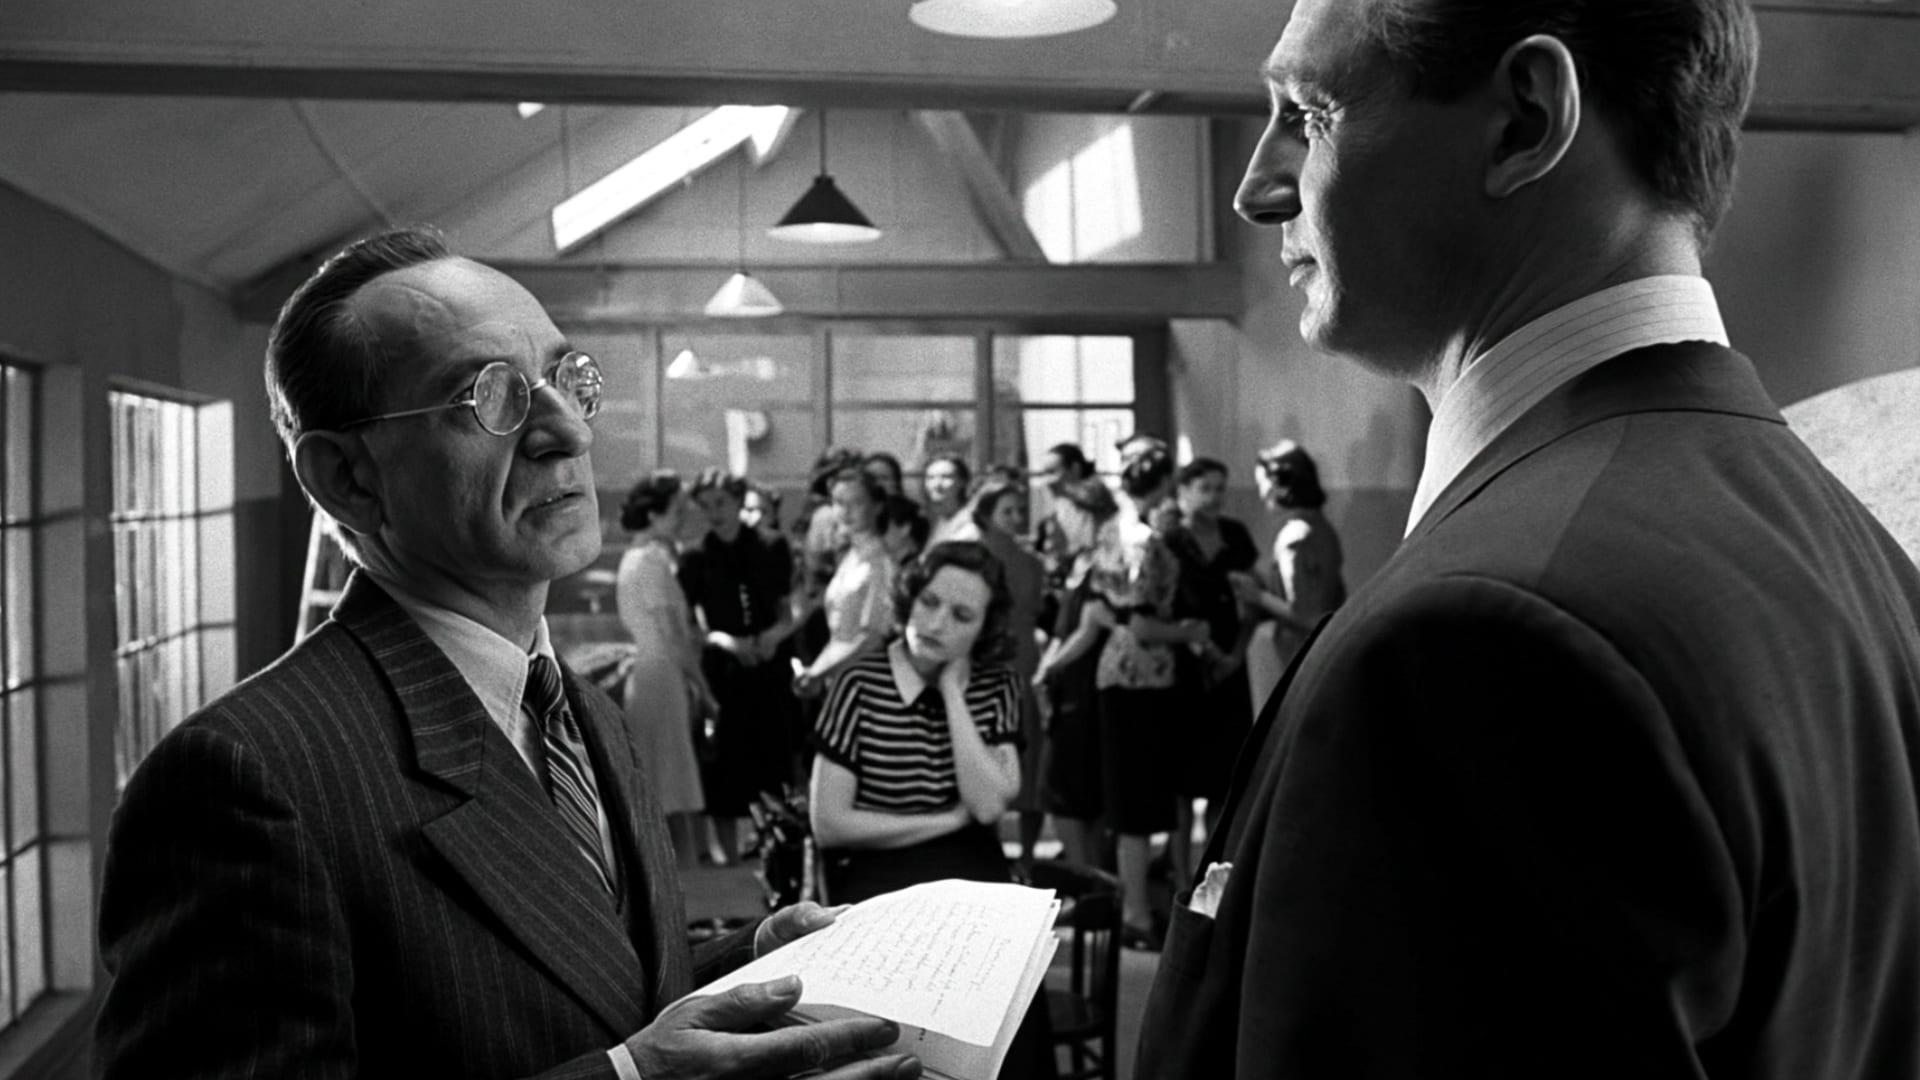 """Смотреть фильм """"Список Шиндлера"""": основания для знакомства с проектом 1993 года"""